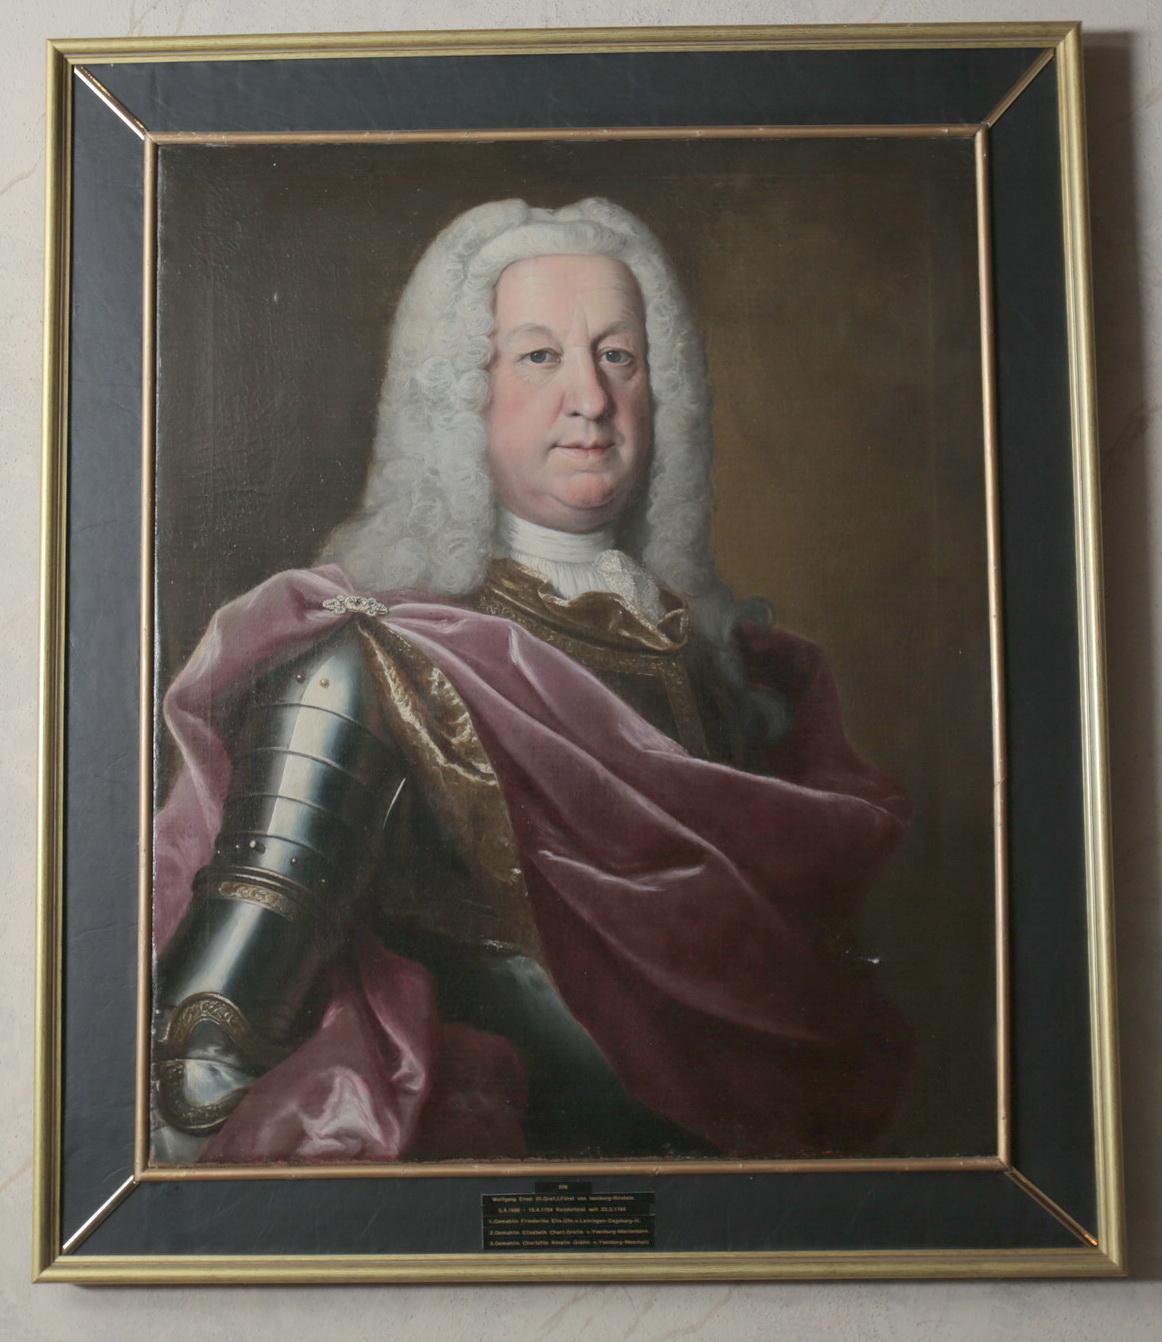 Graf Wolfgang Ernst von Isenburg war ab 1744 der erste Reichsfürst des Isenburger Geschlechts.